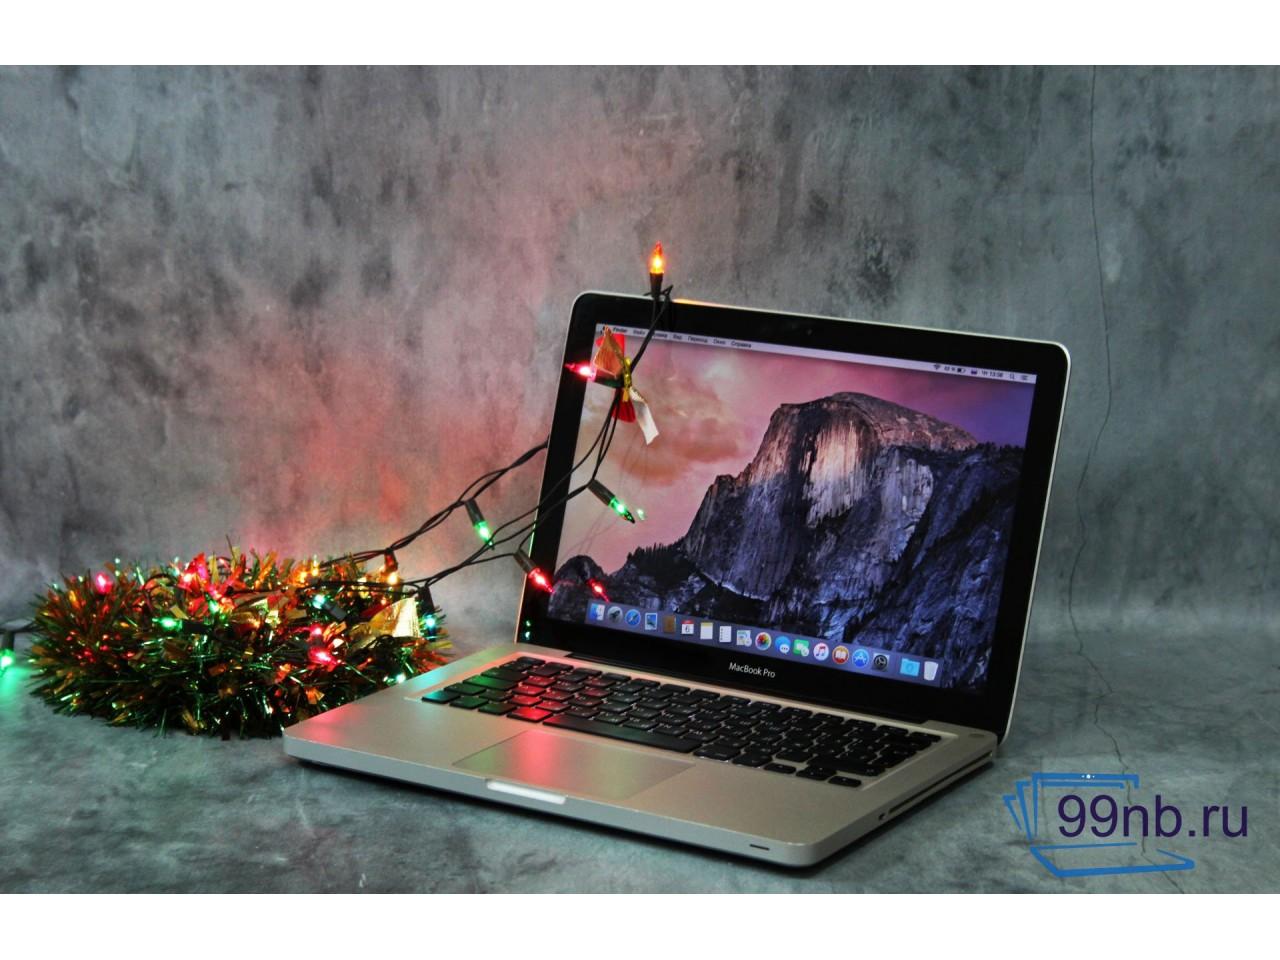 MacBook Pro GeForce